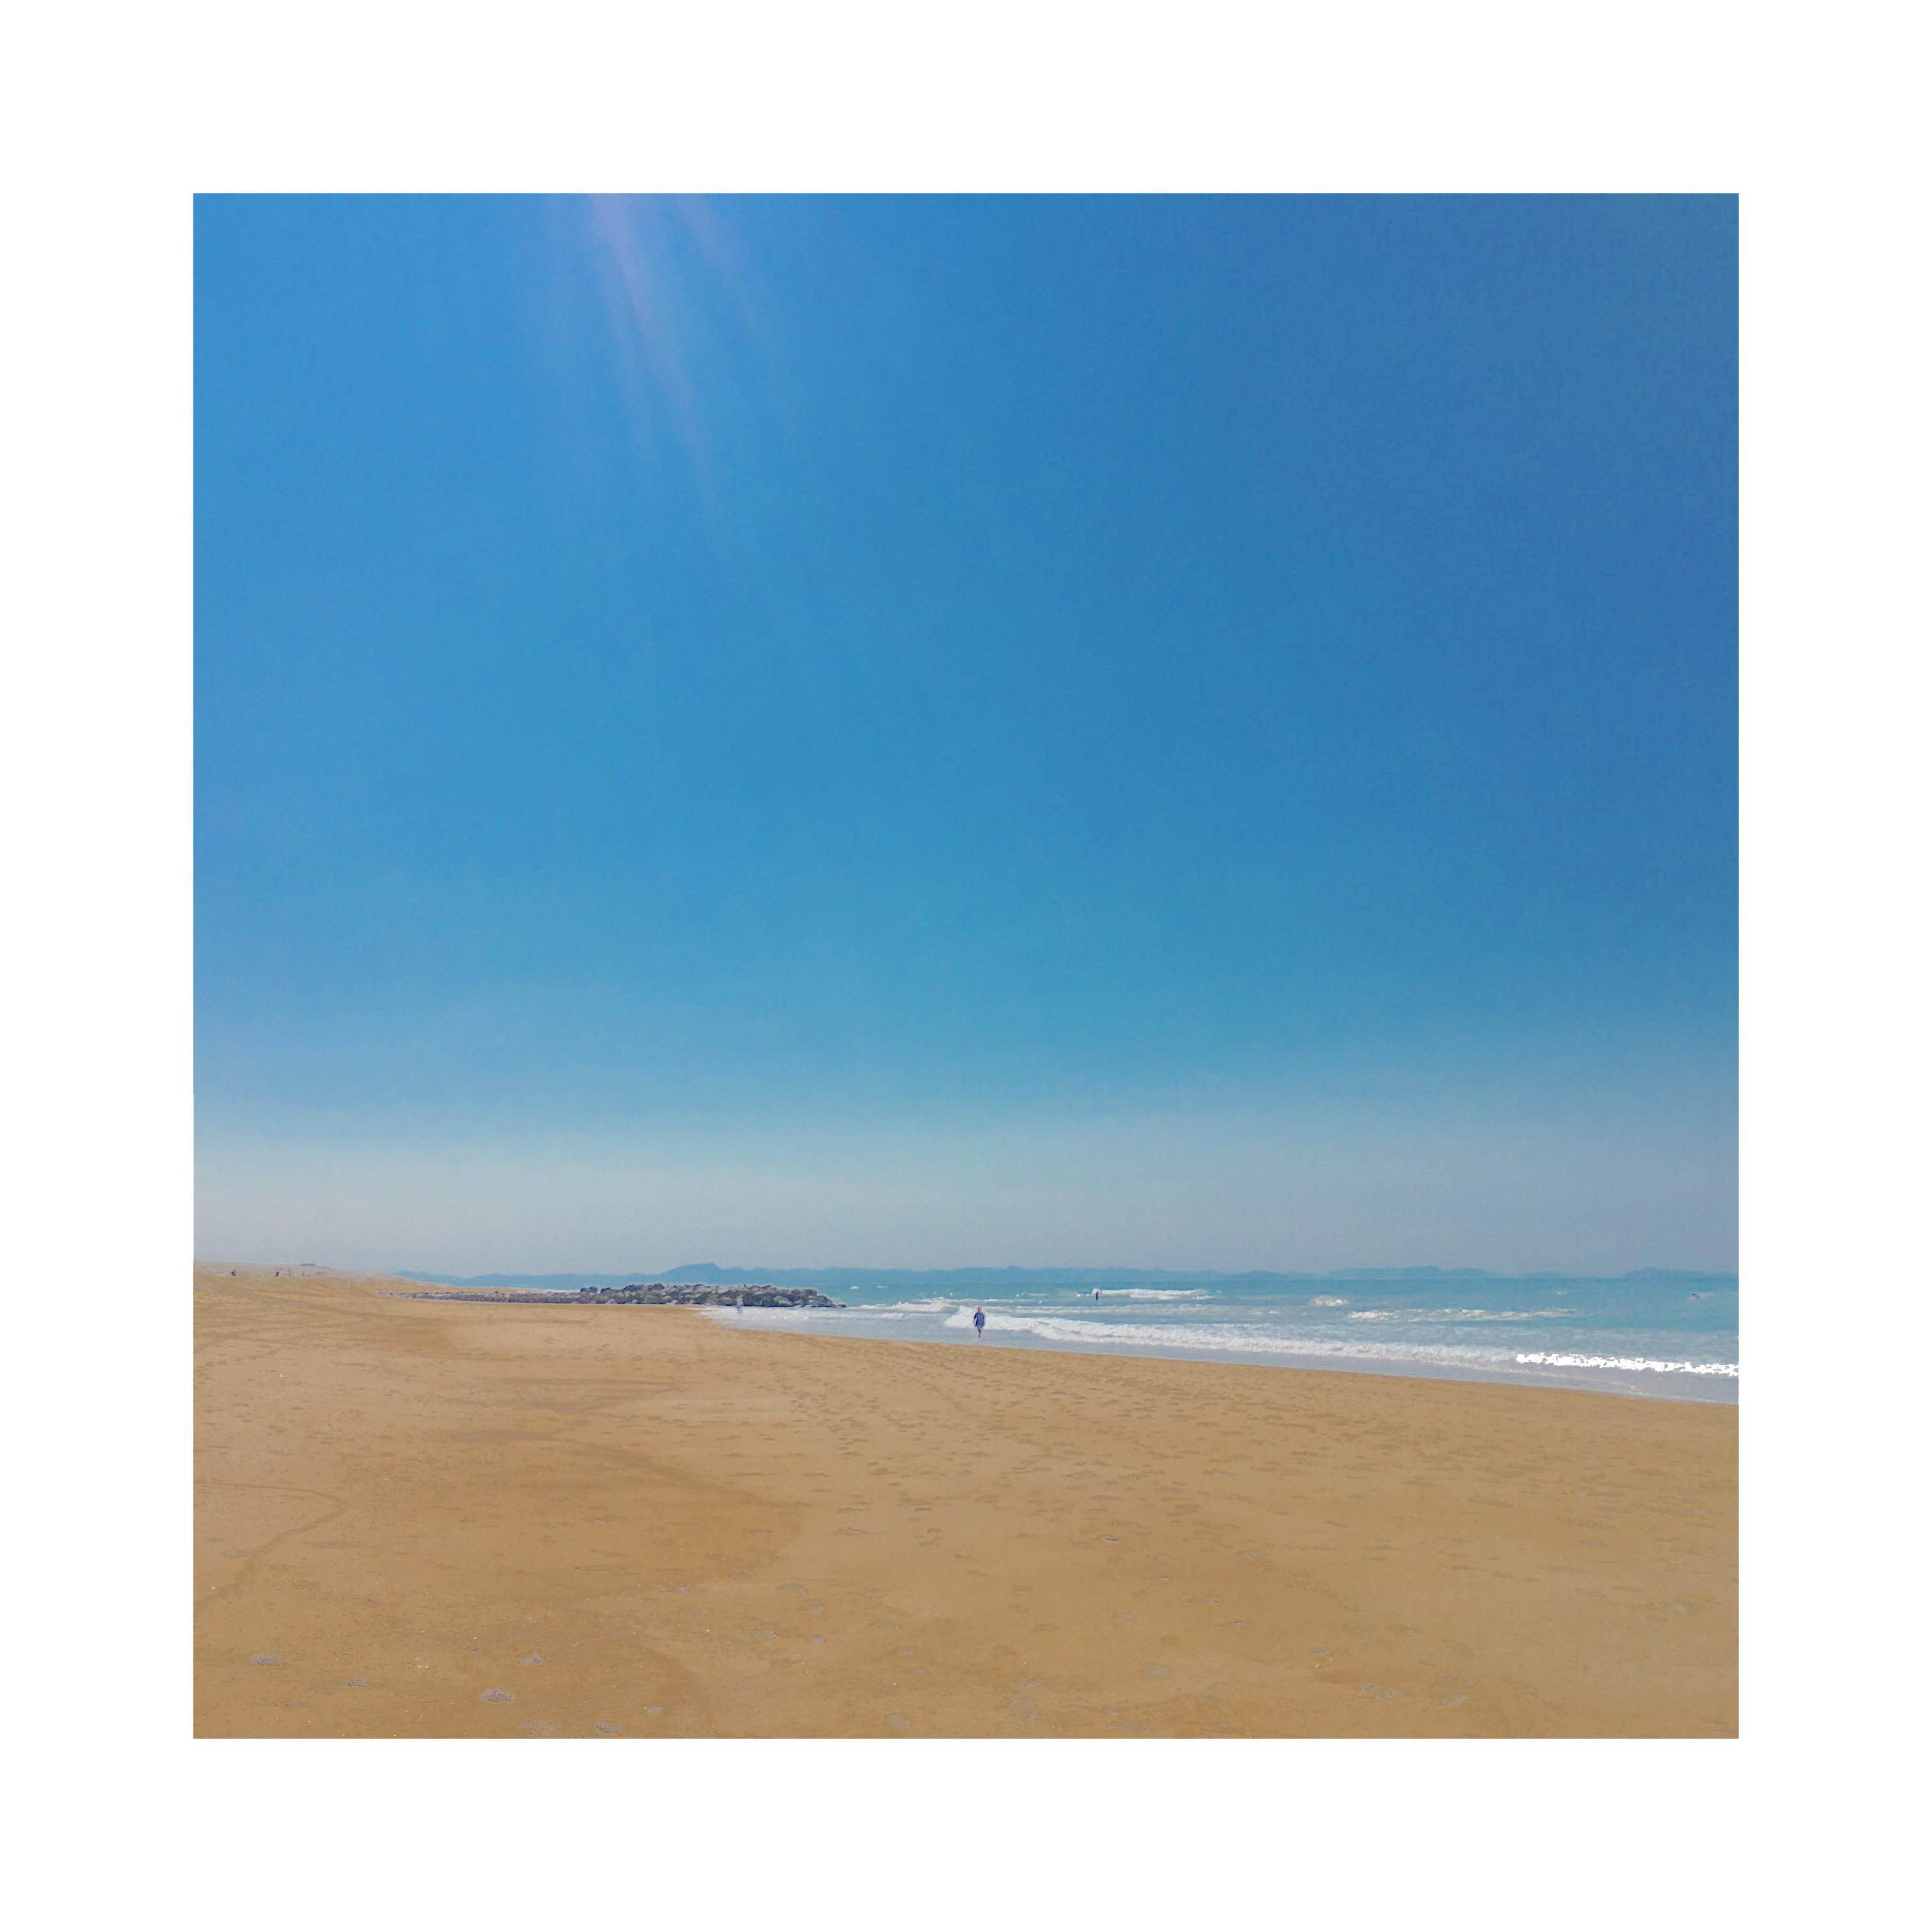 Seul sur la plage 171013015131405825